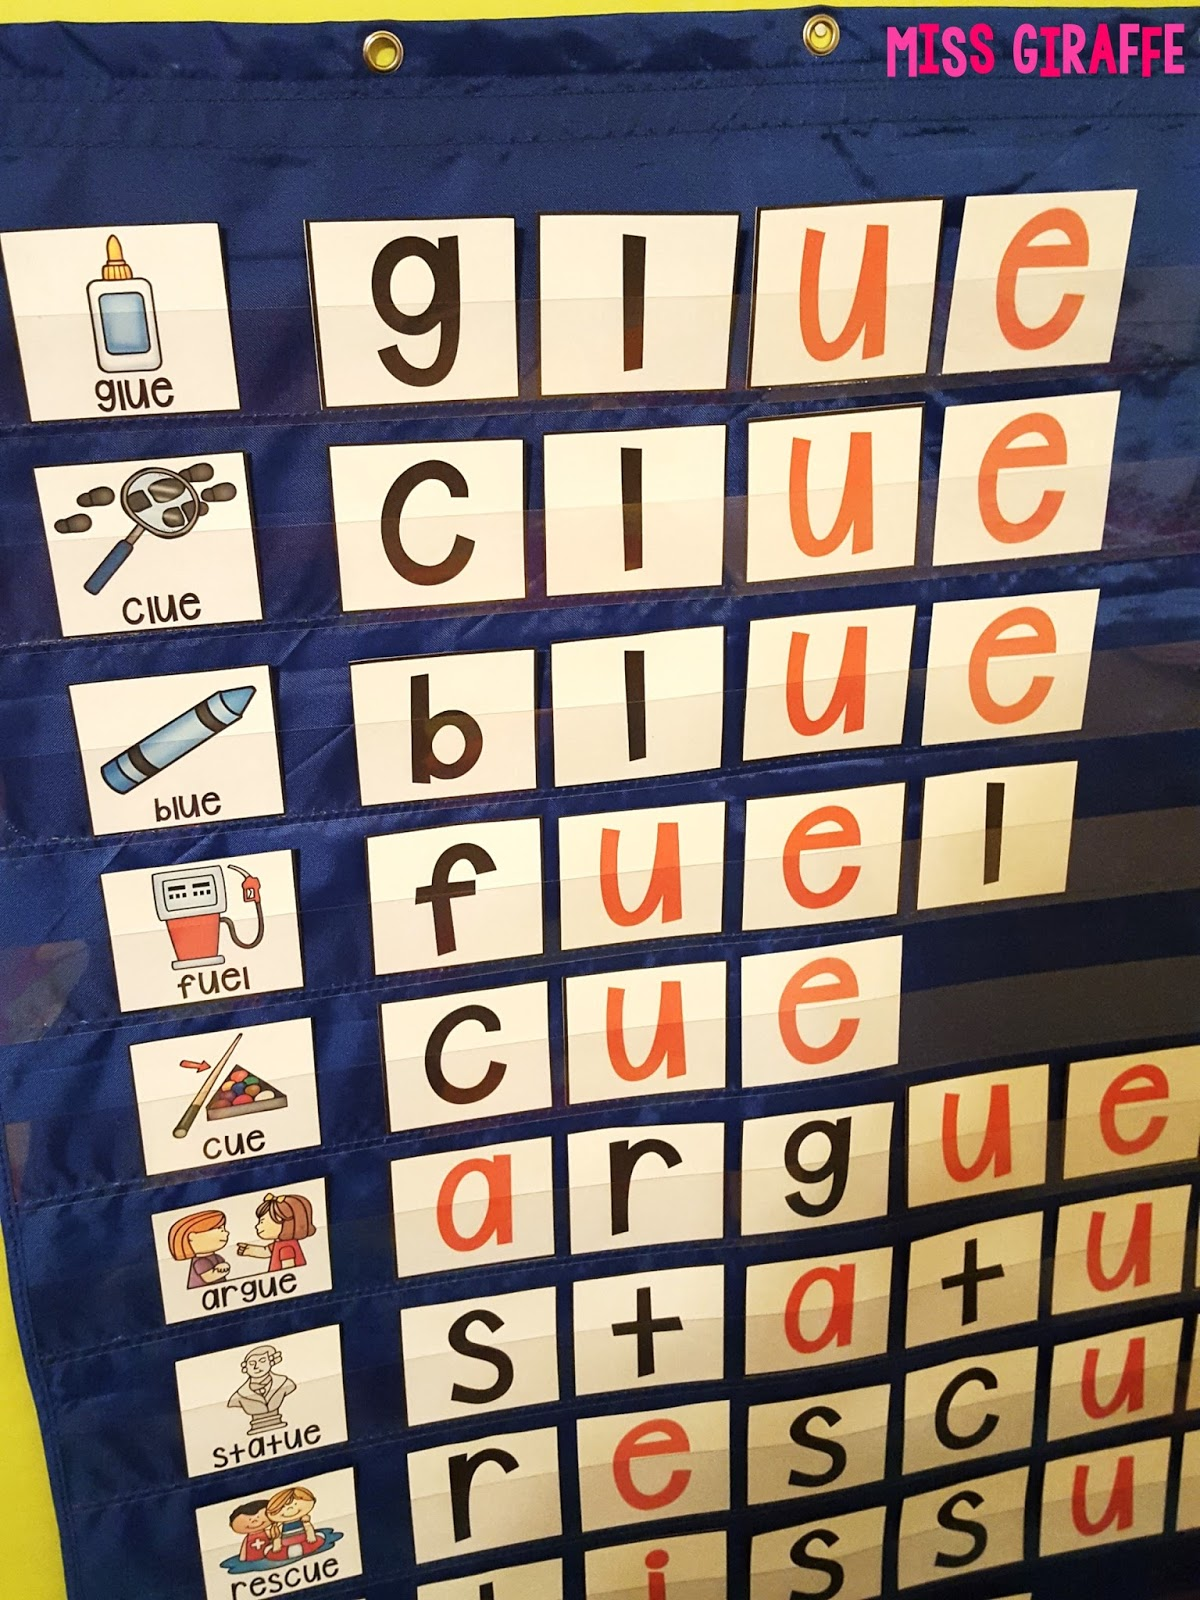 Miss Giraffe's Class: EW UE UI Activities